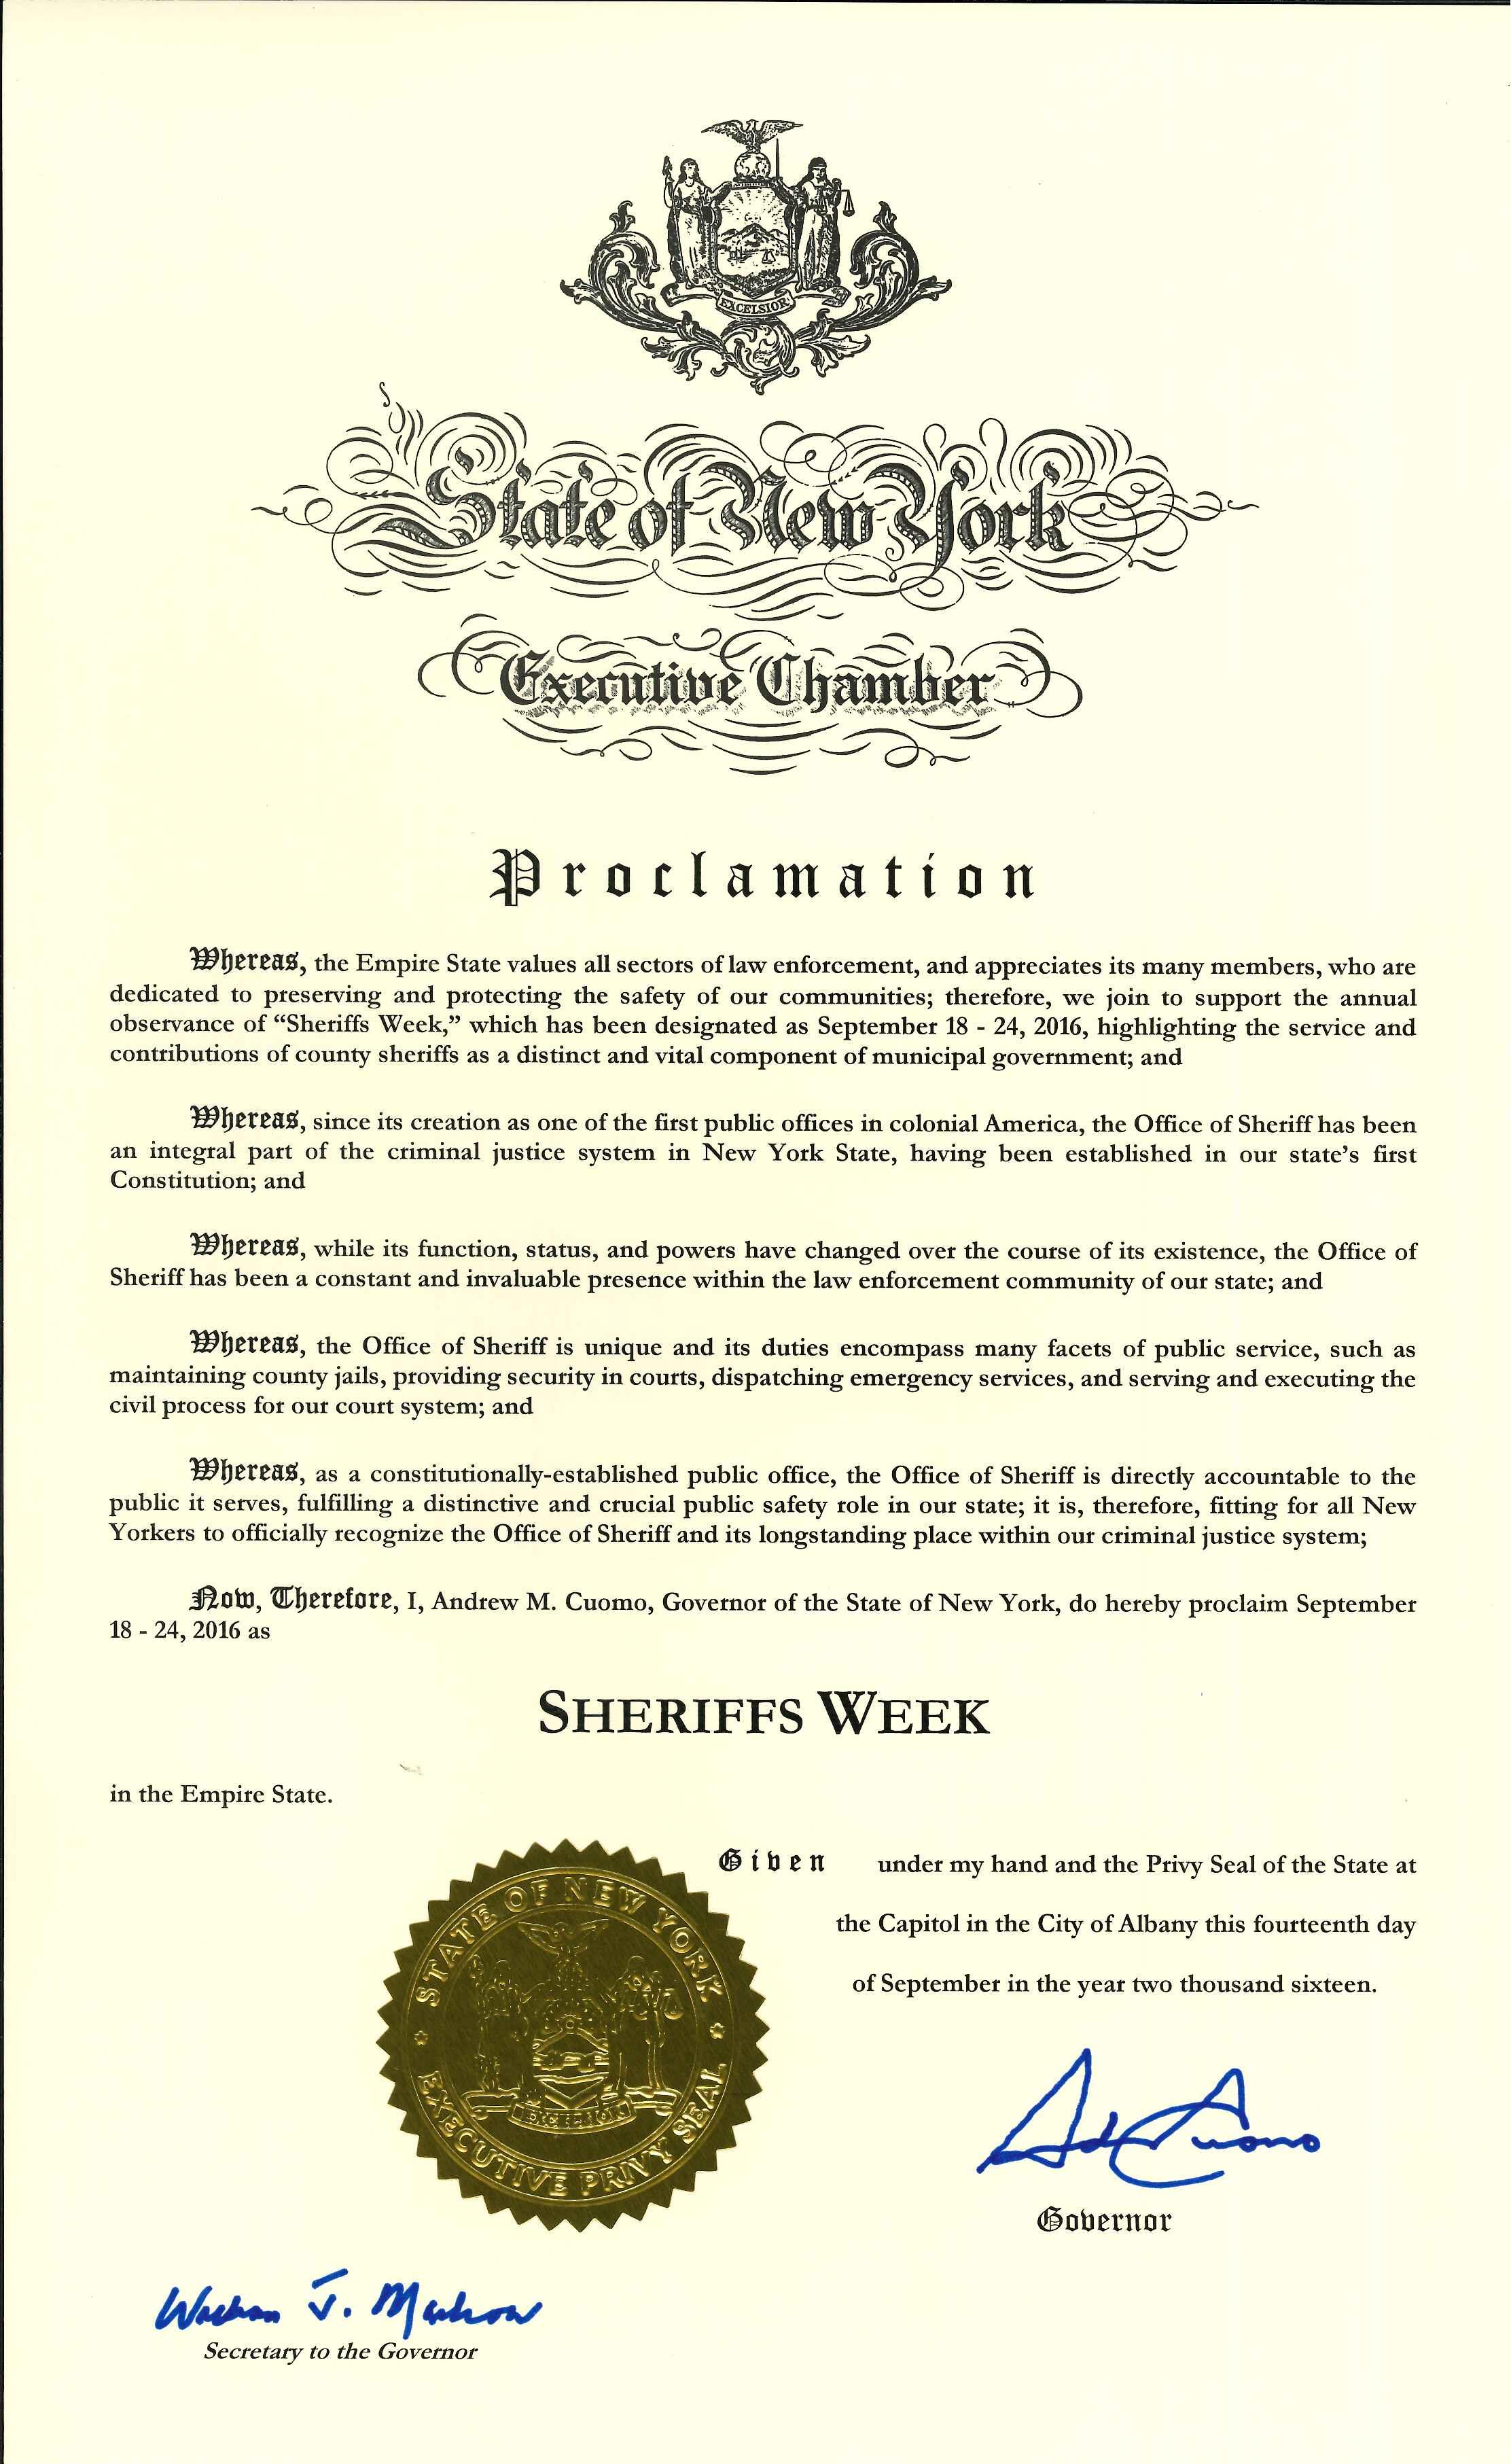 sh-week-proclamation